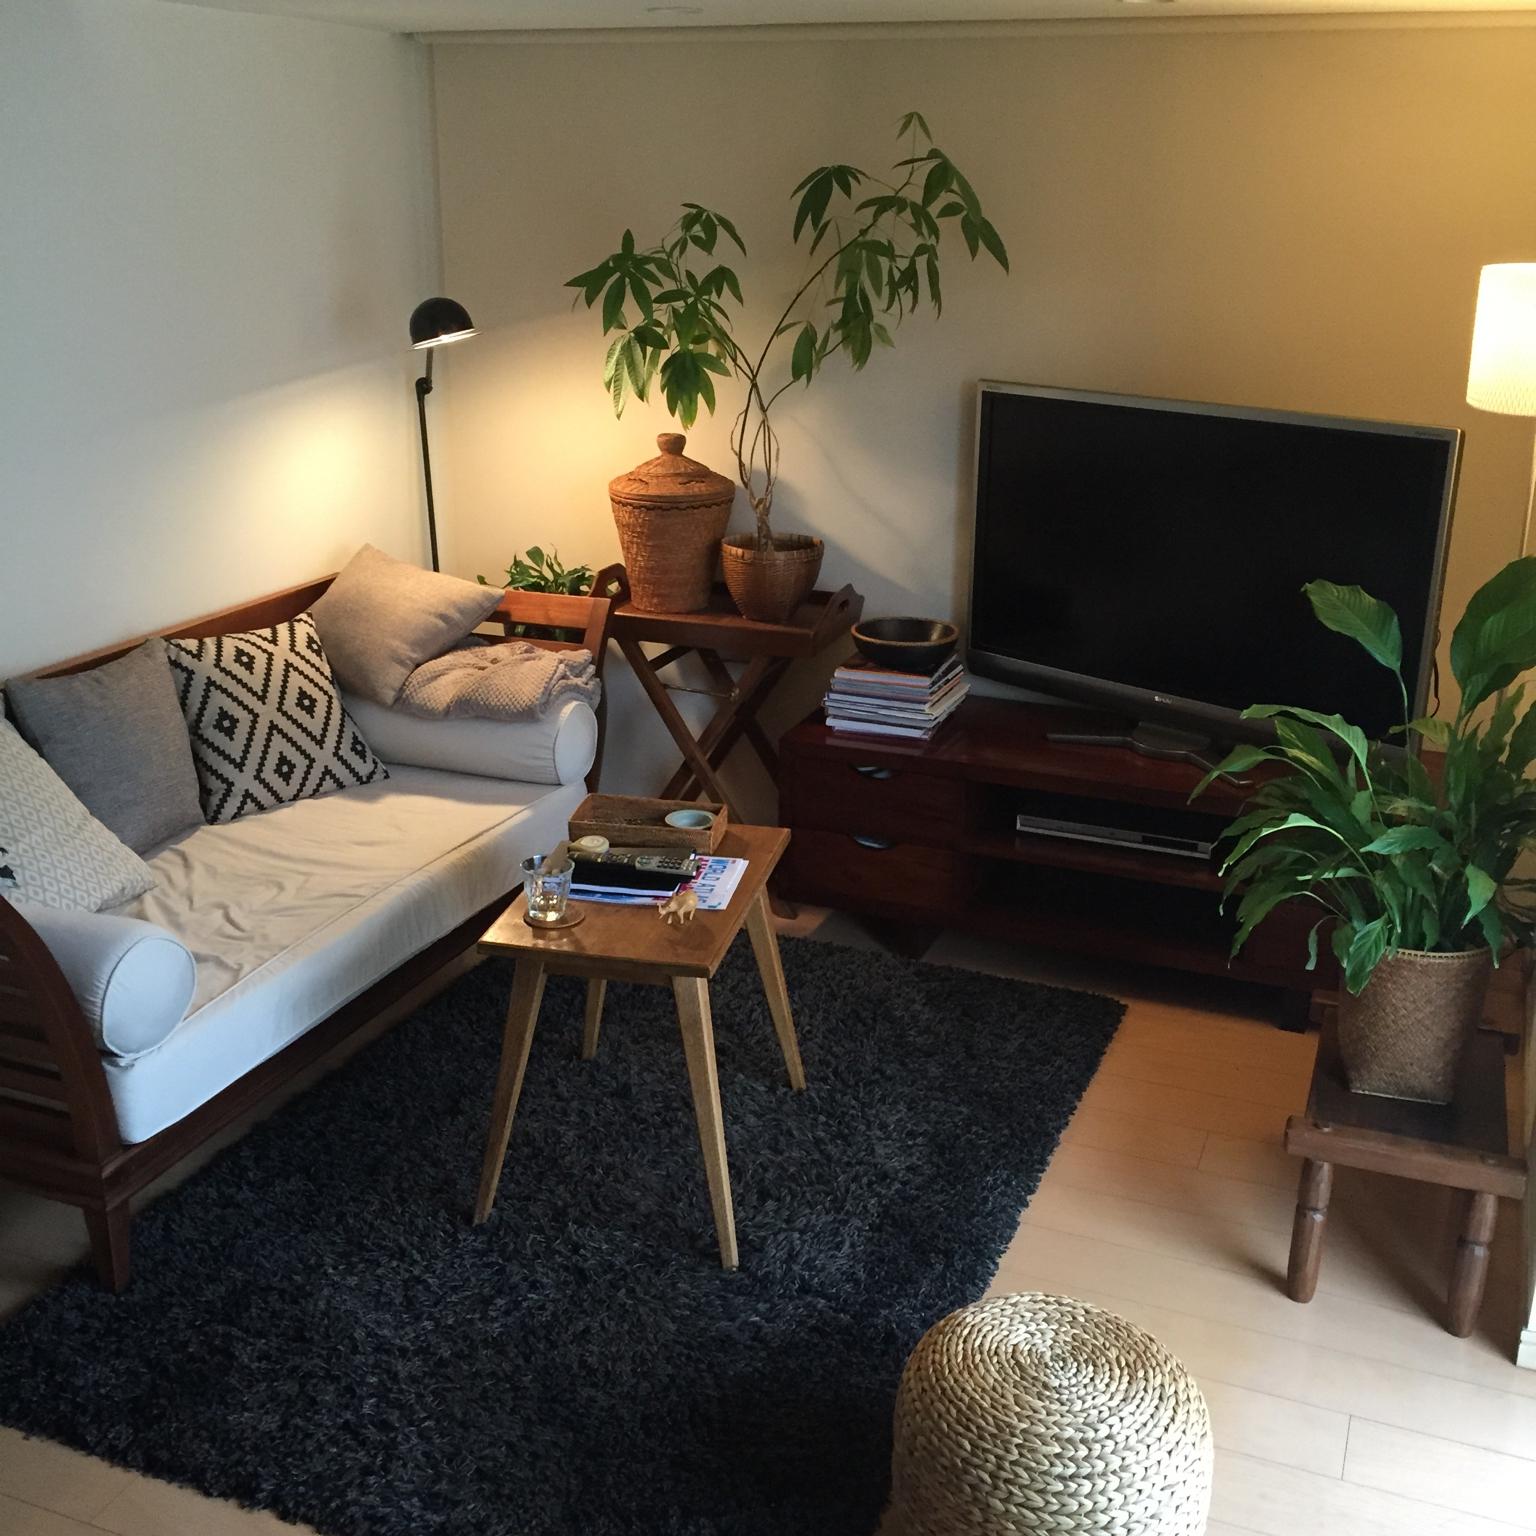 IKEAとニトリの人気照明で♡涼しく過ごそう残暑の夜 | RoomClip mag | 暮らしとインテリアのwebマガジン